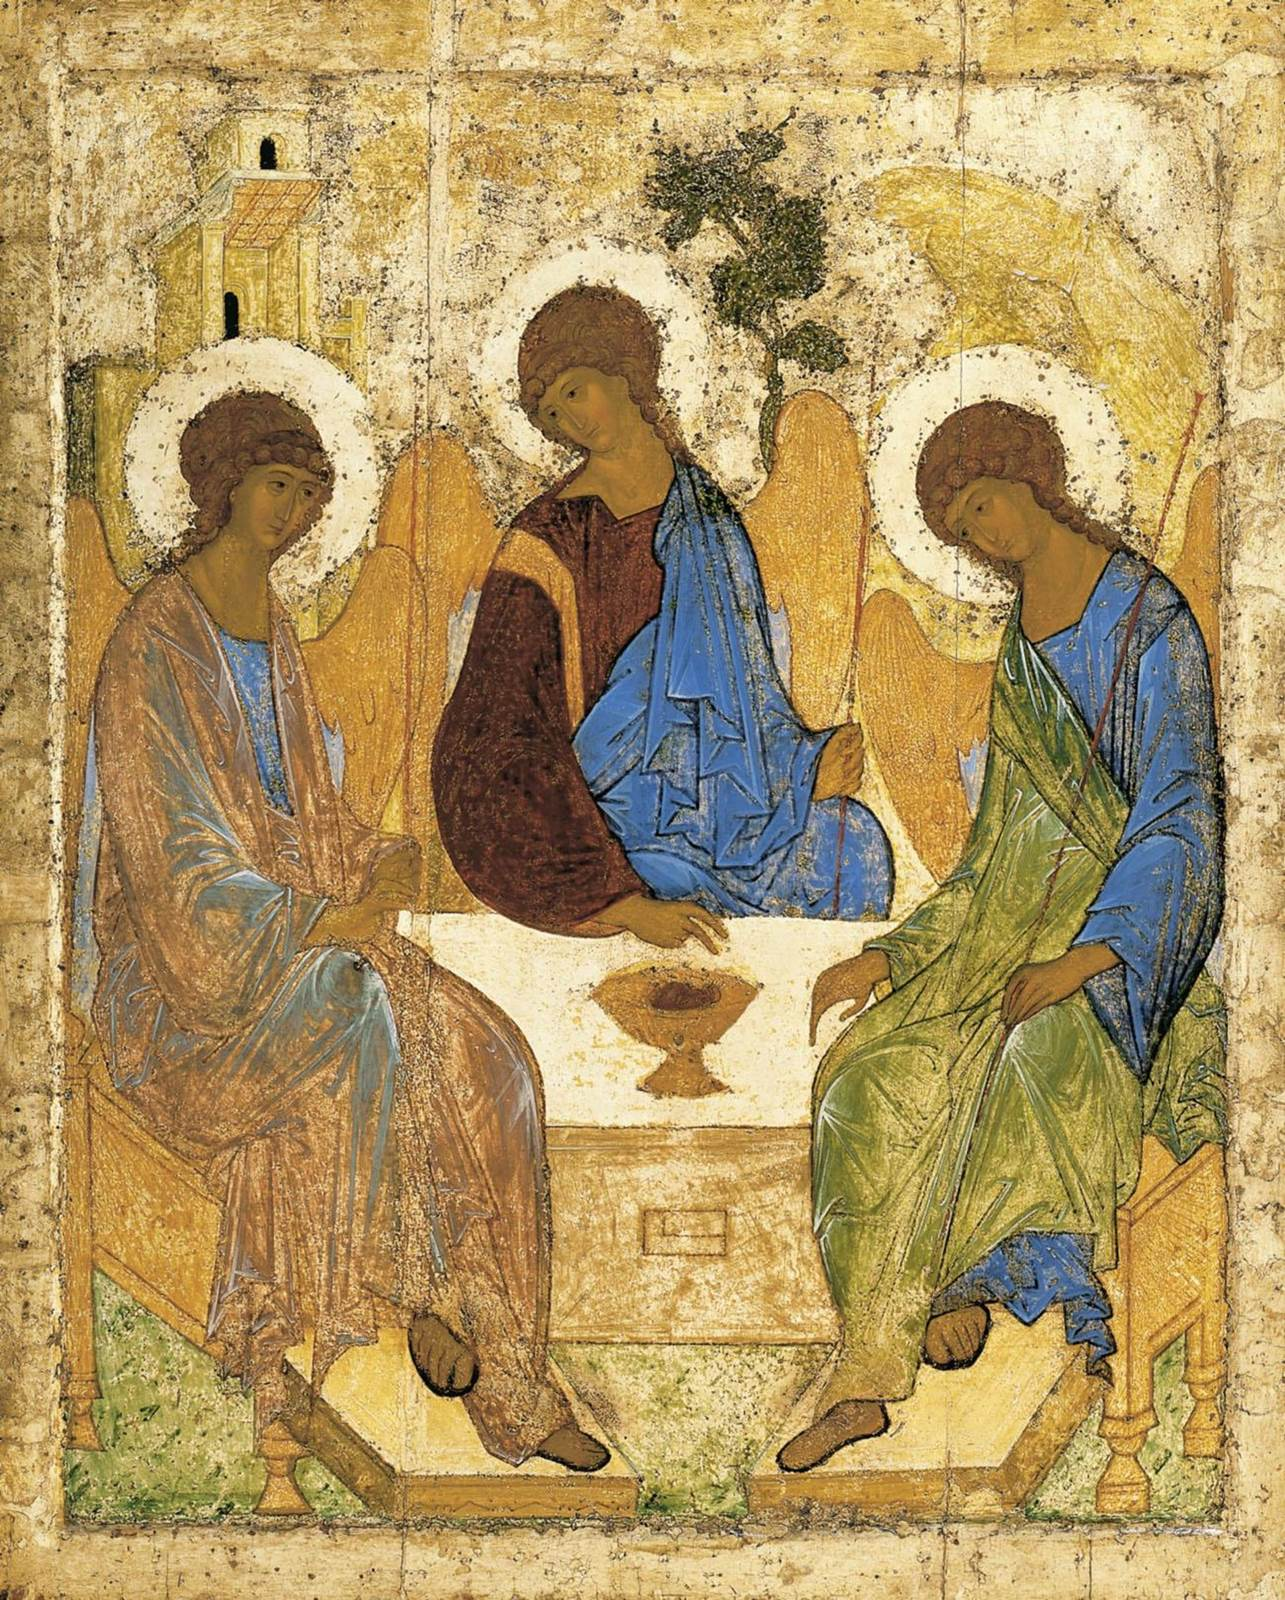 Nhân danh Chúa Cha, Chúa Con và Chúa Thánh Thần